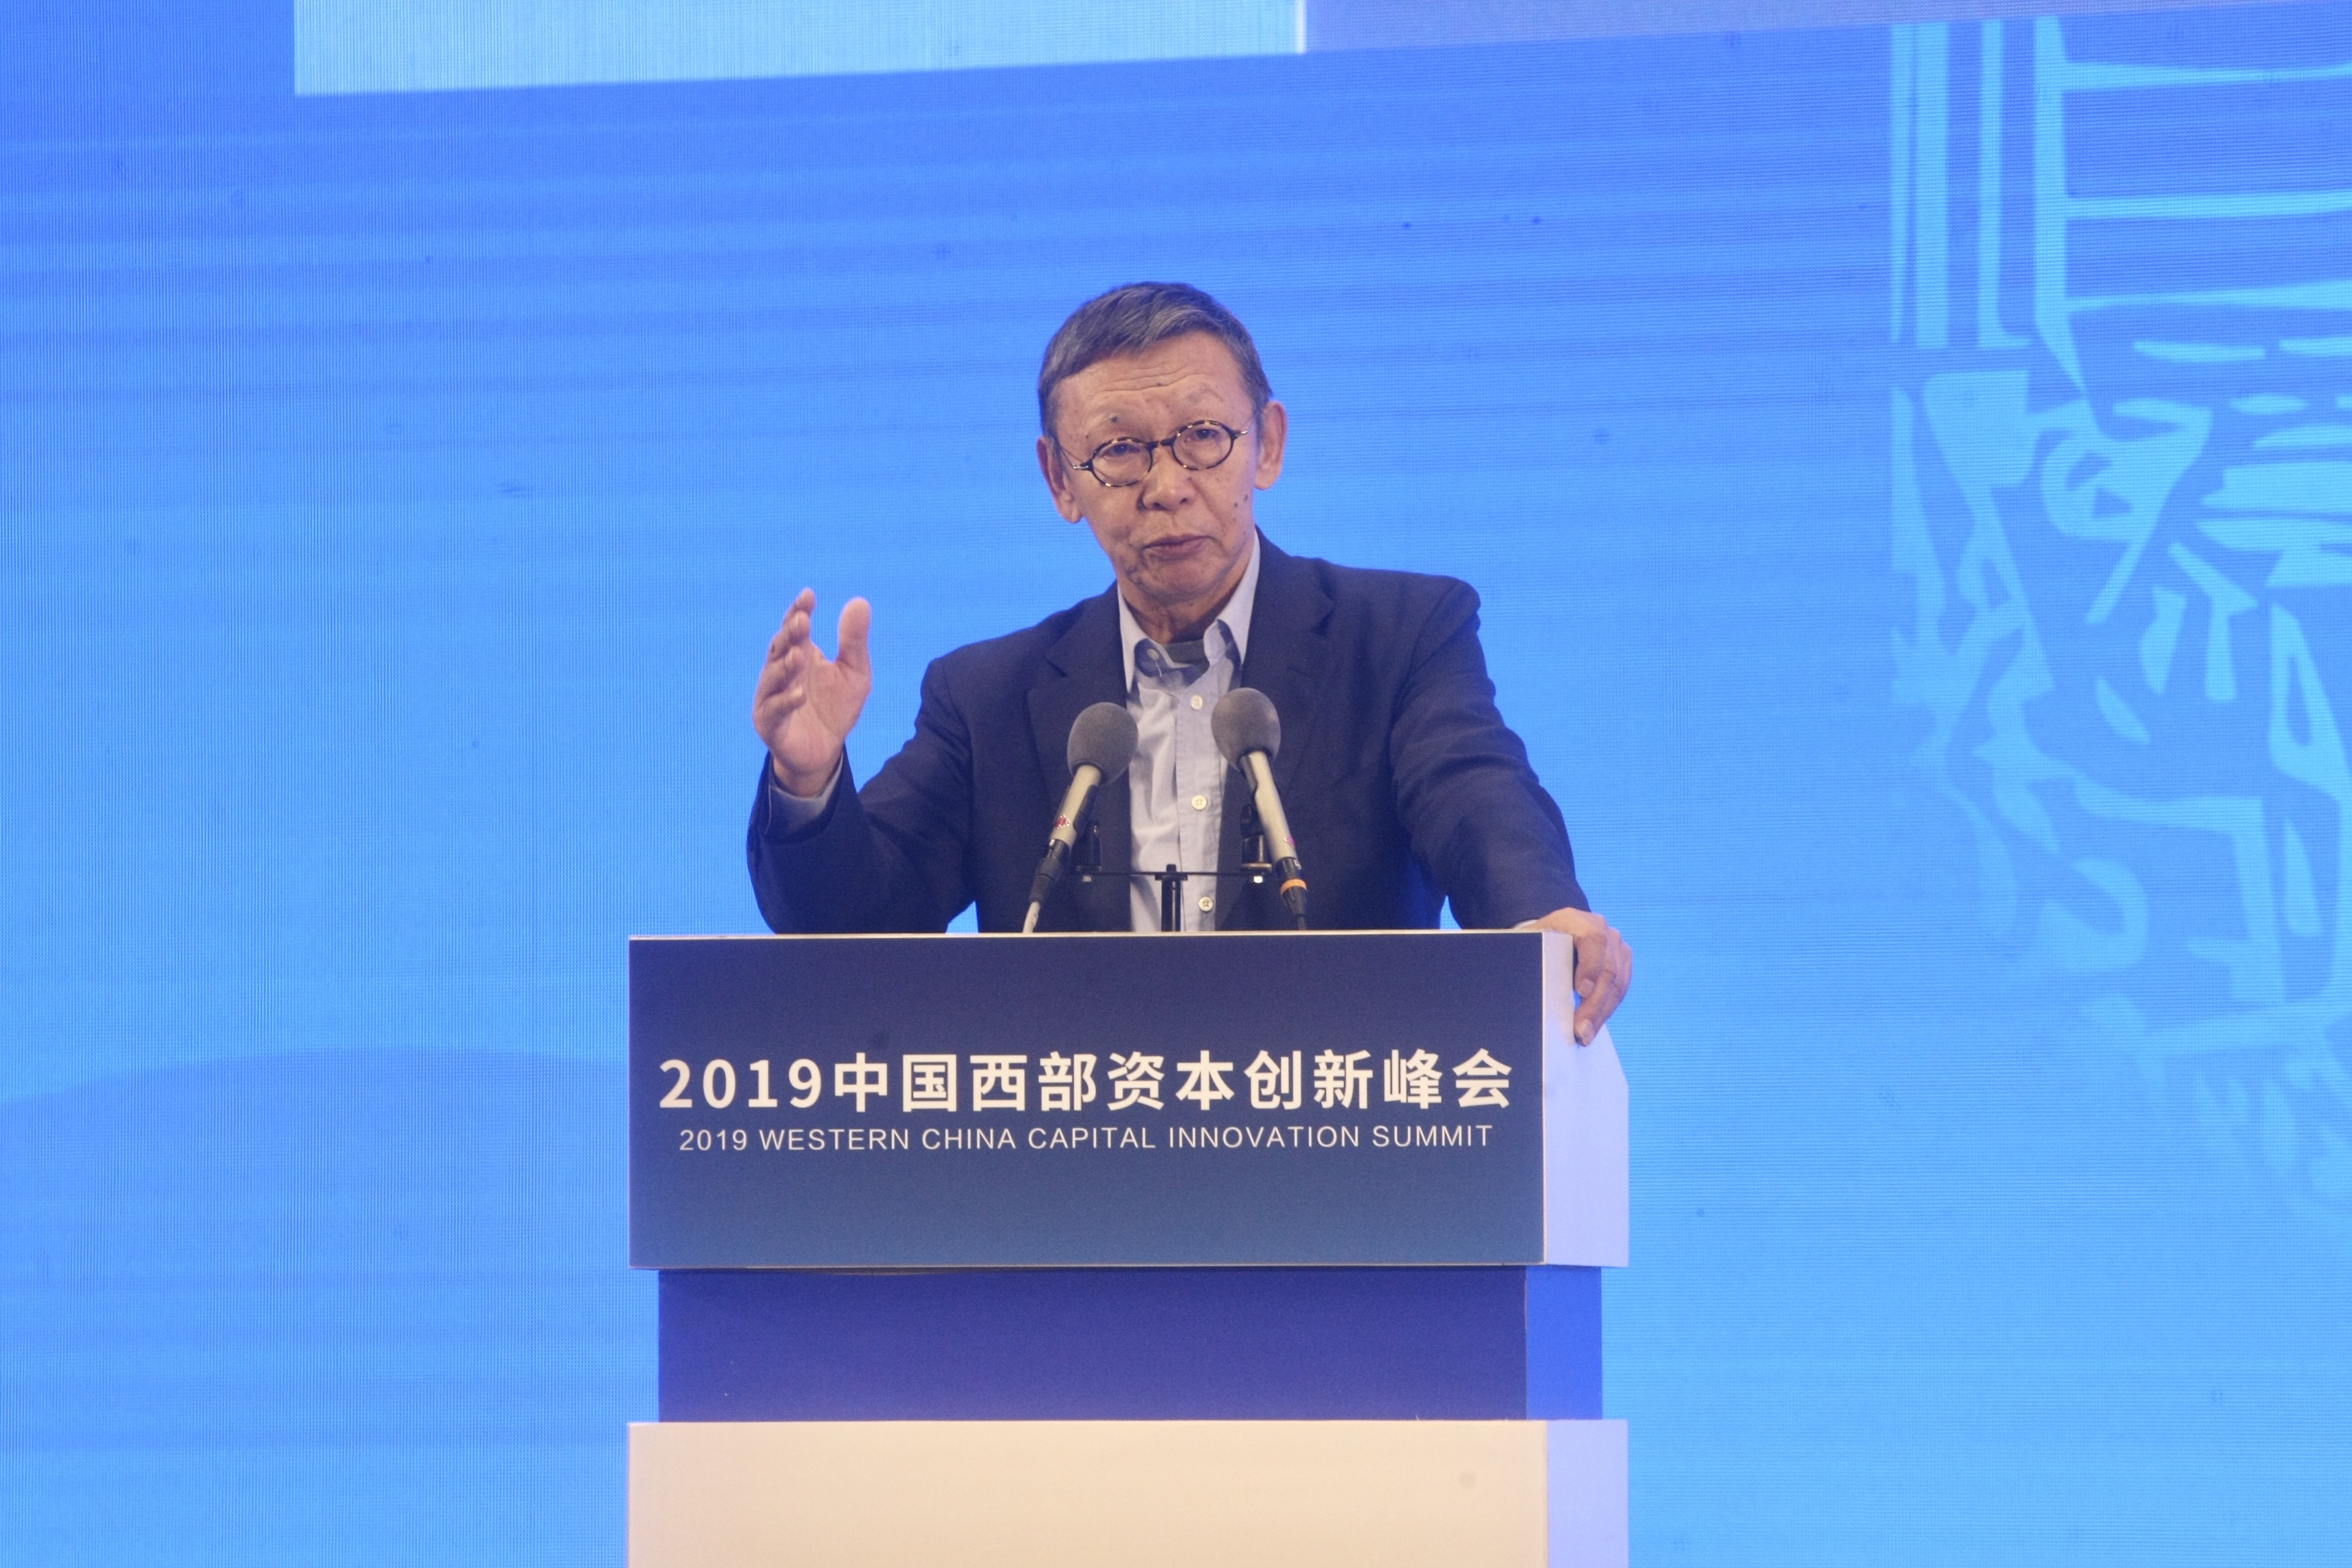 蔡鄂生:金融中心的修大庆最新新闻设要靠文化、金融生态战